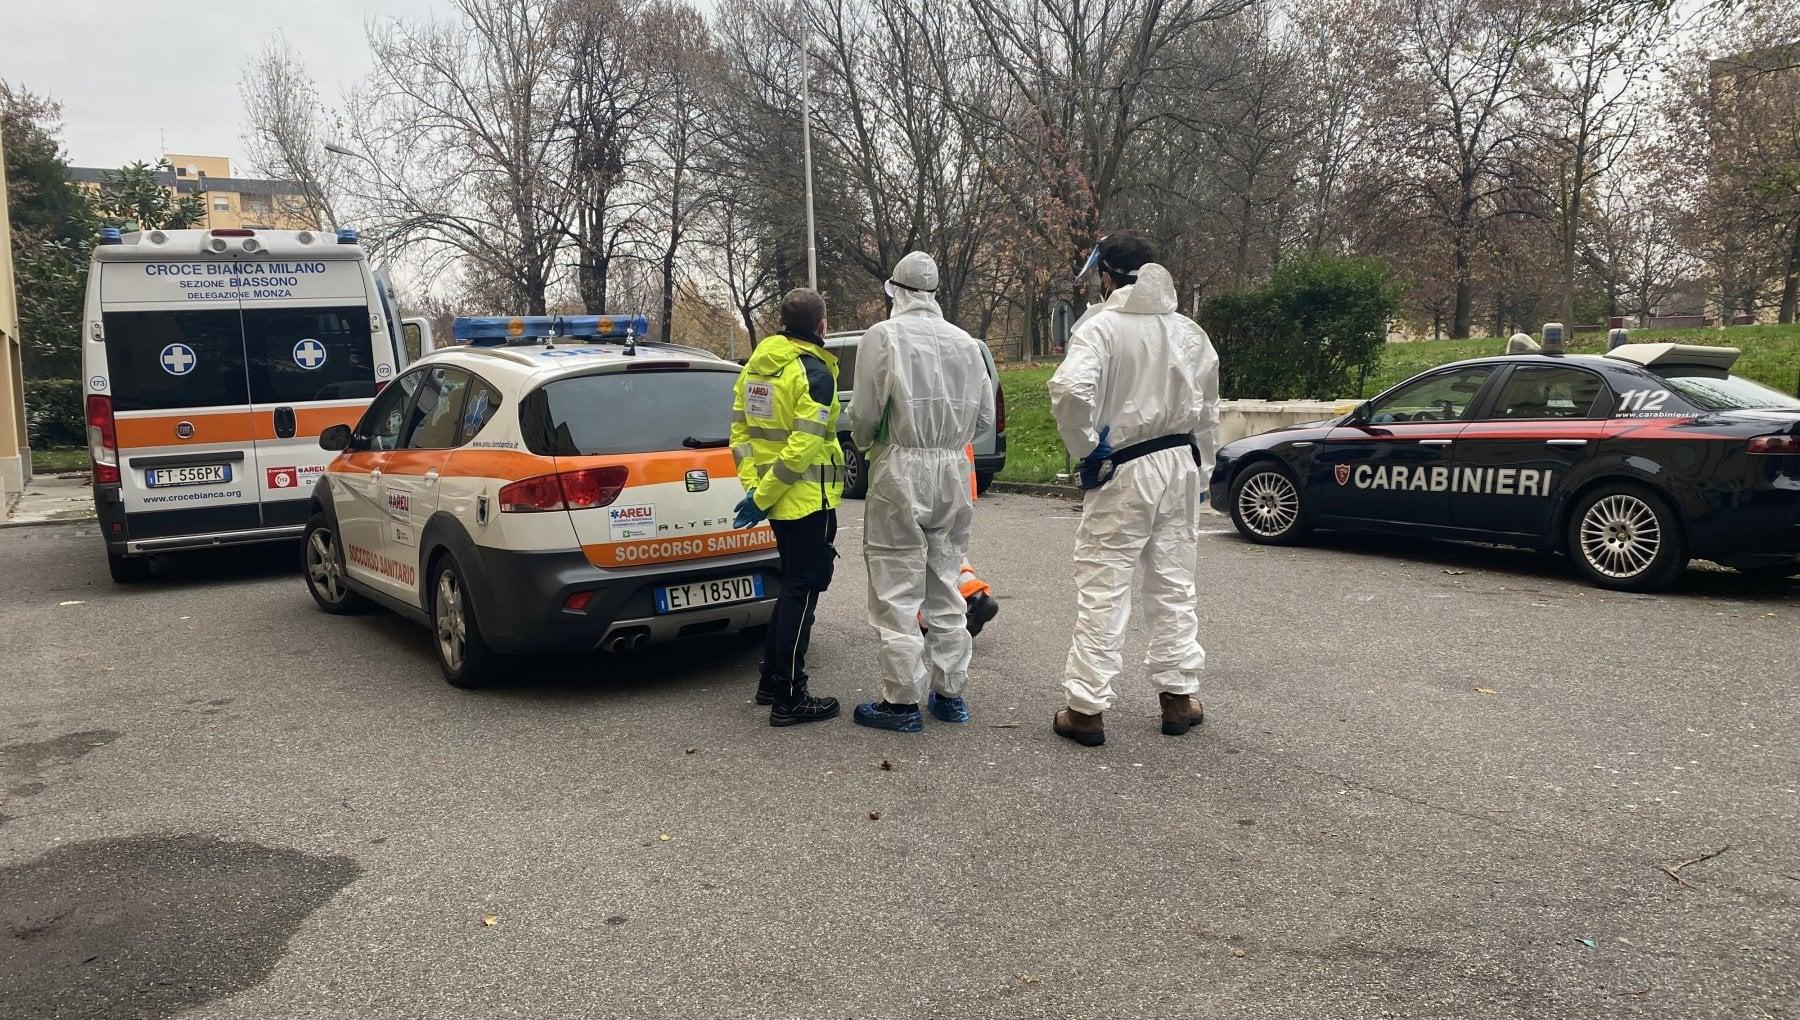 Ucciso a coltellate a Monza fermati due minorenni